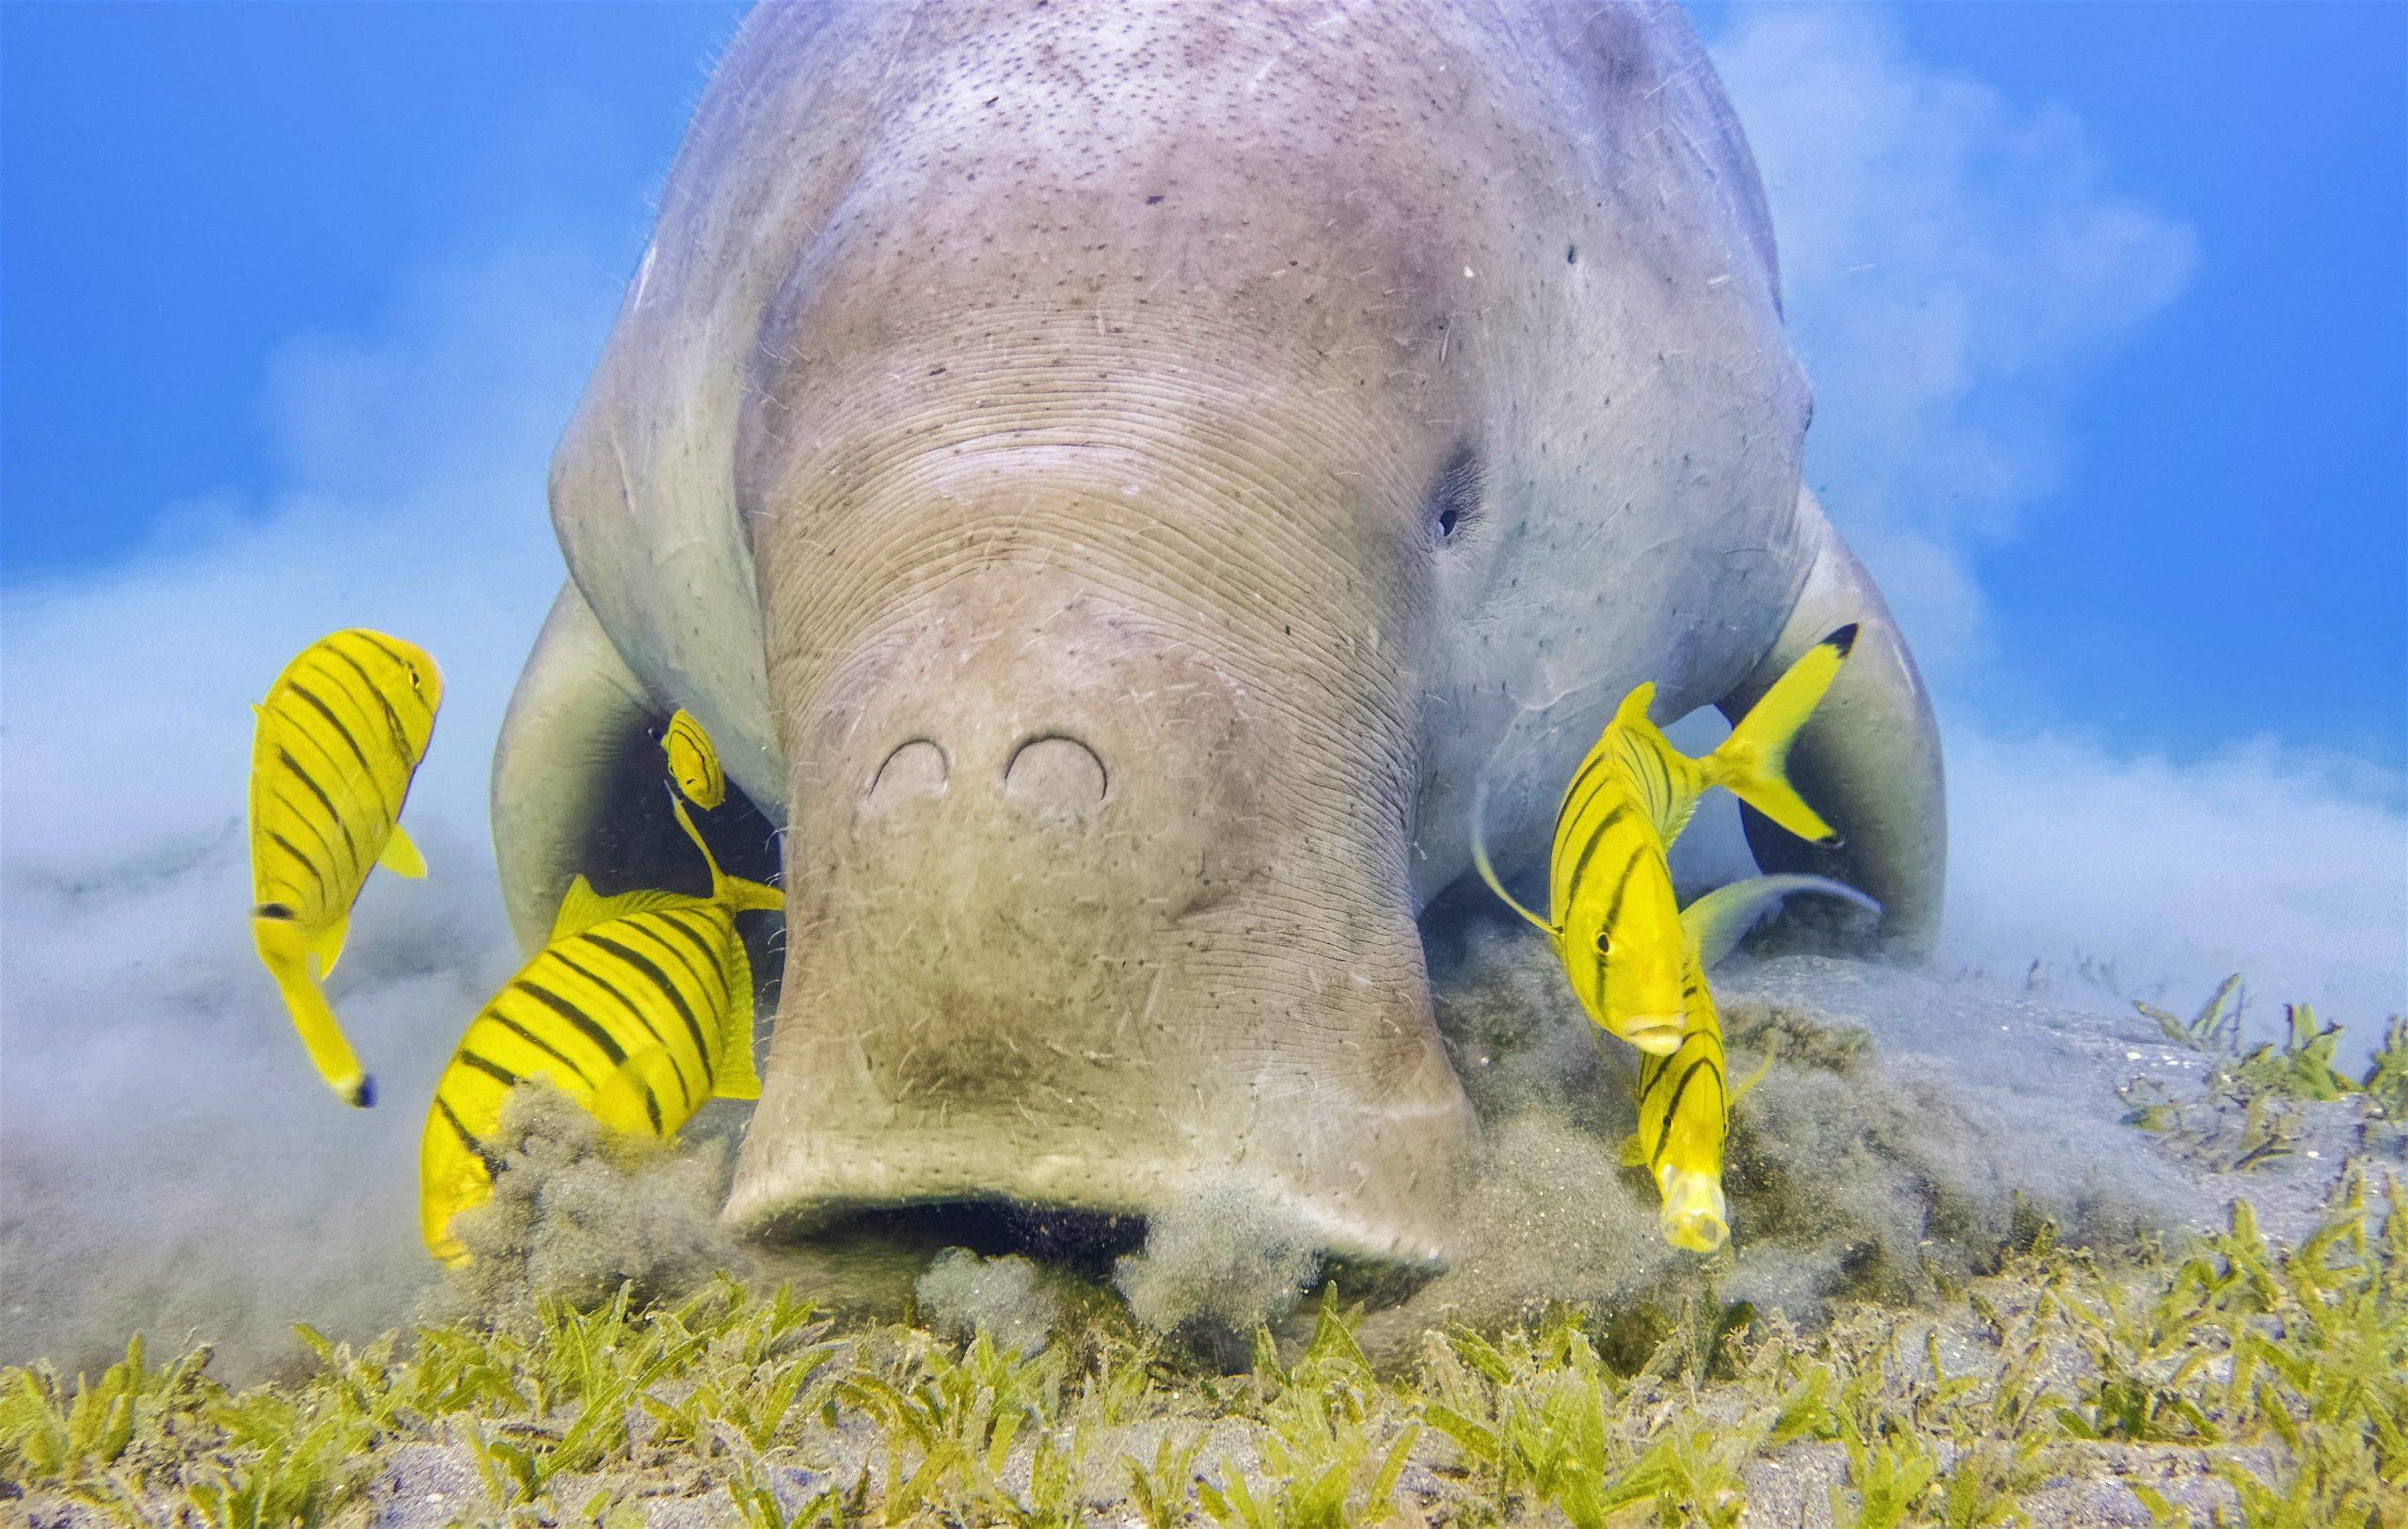 Dugong qui broute les champs d'herbes marines dans les fonds marins, accompagné de poissons jaunes